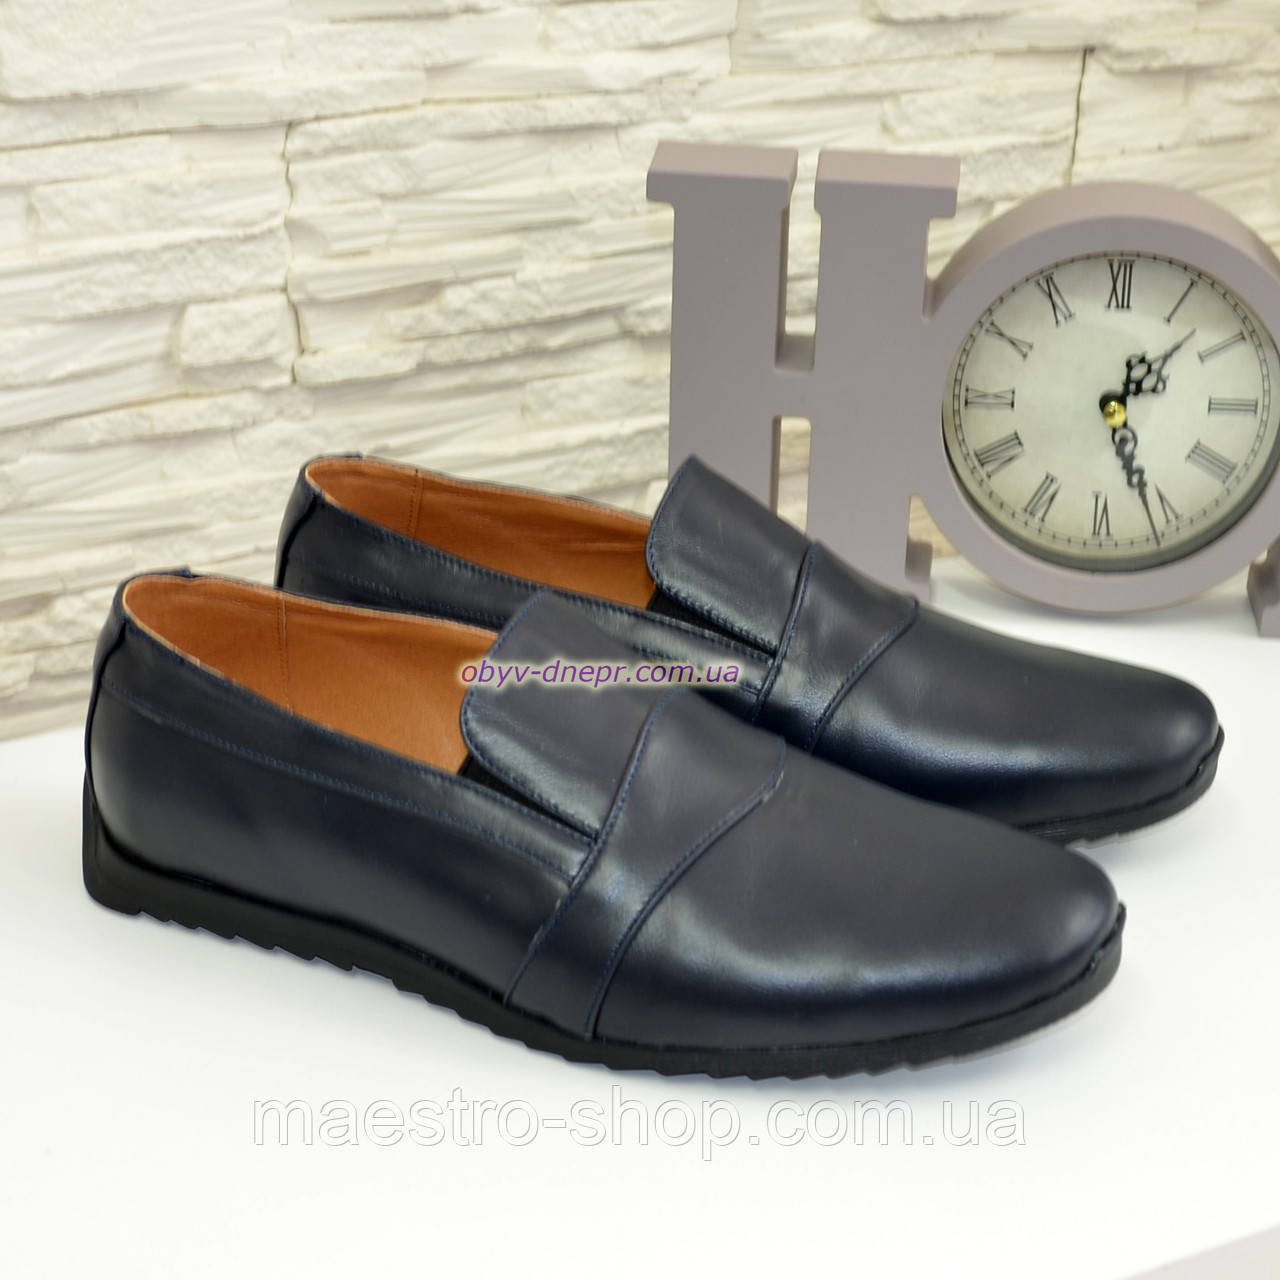 Мужские кожаные туфли-мокасины, цвет синий